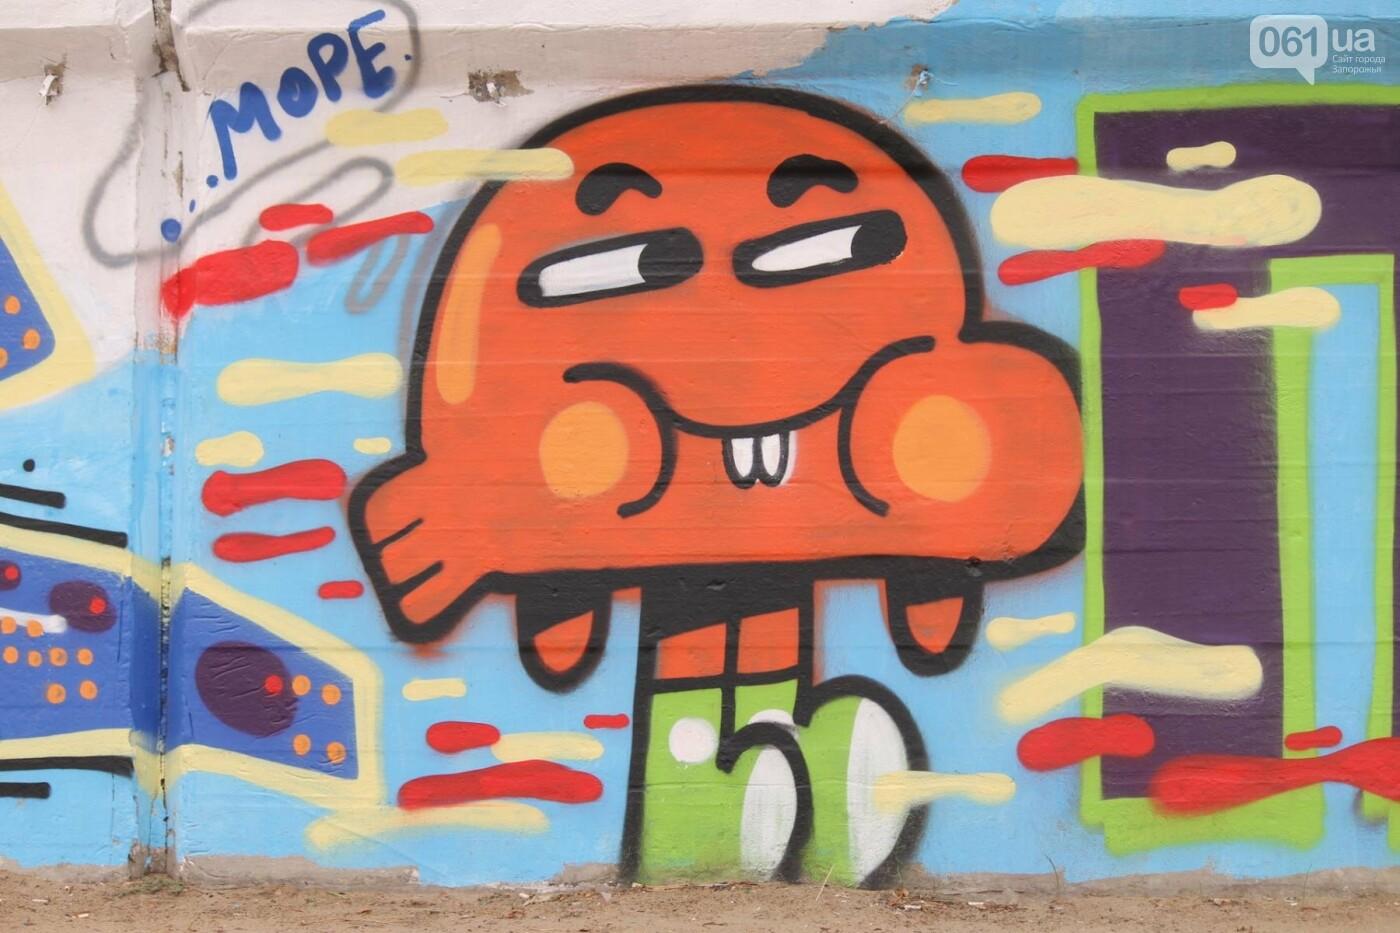 В Запорожье на пляже закончился фестиваль граффити: разрисовали 150 метров бетонной стены, – ФОТОРЕПОРТАЖ, фото-22